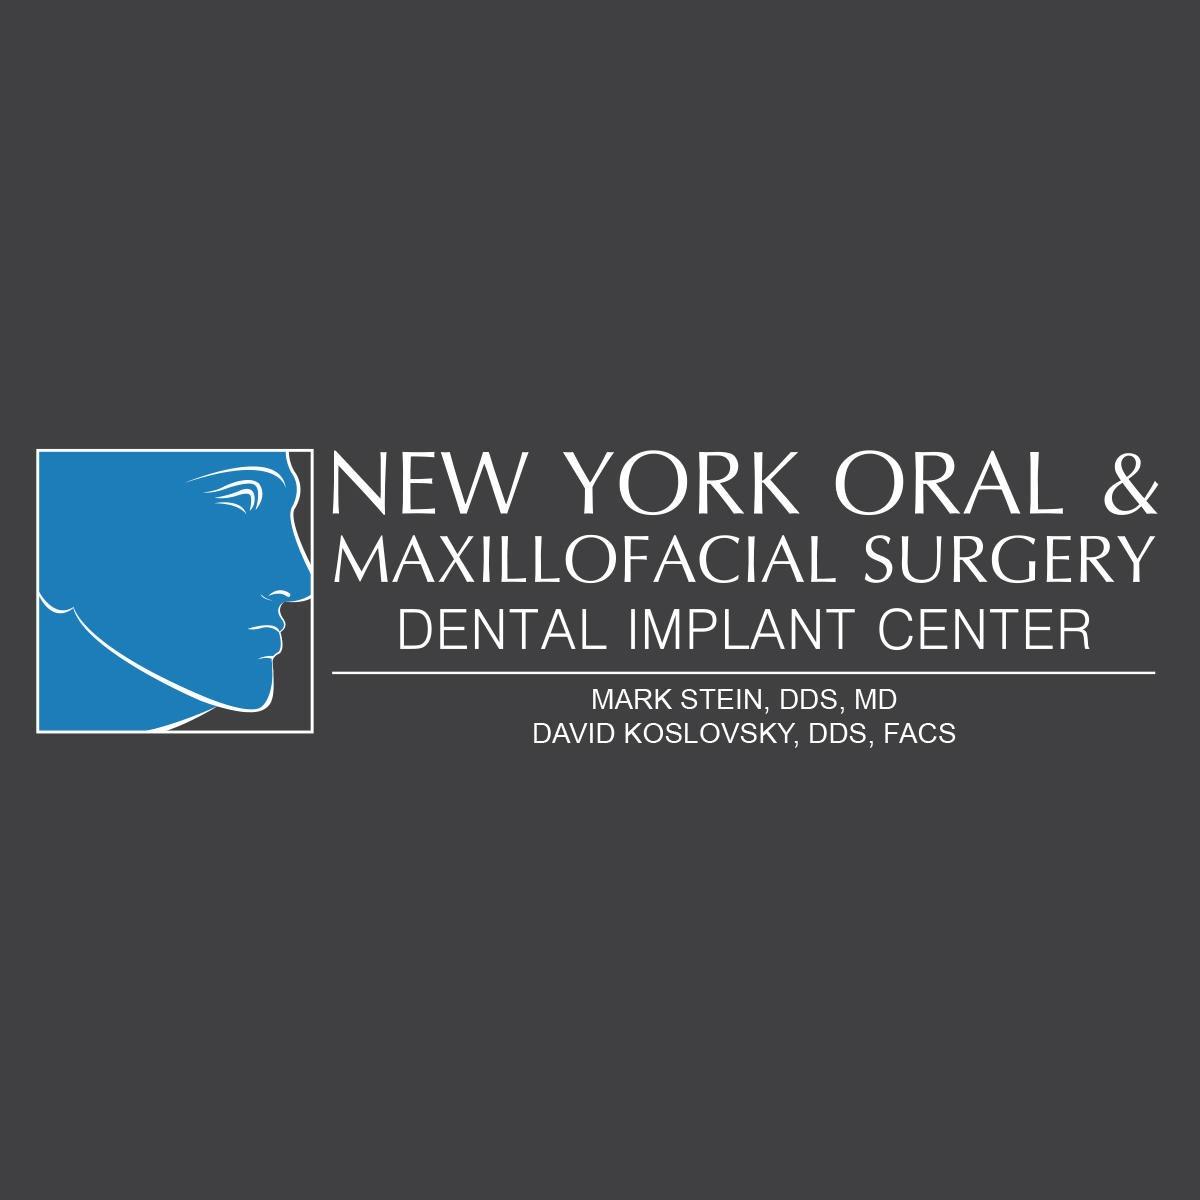 New York Oral & Maxillofacial Surgery Dental Implant Center